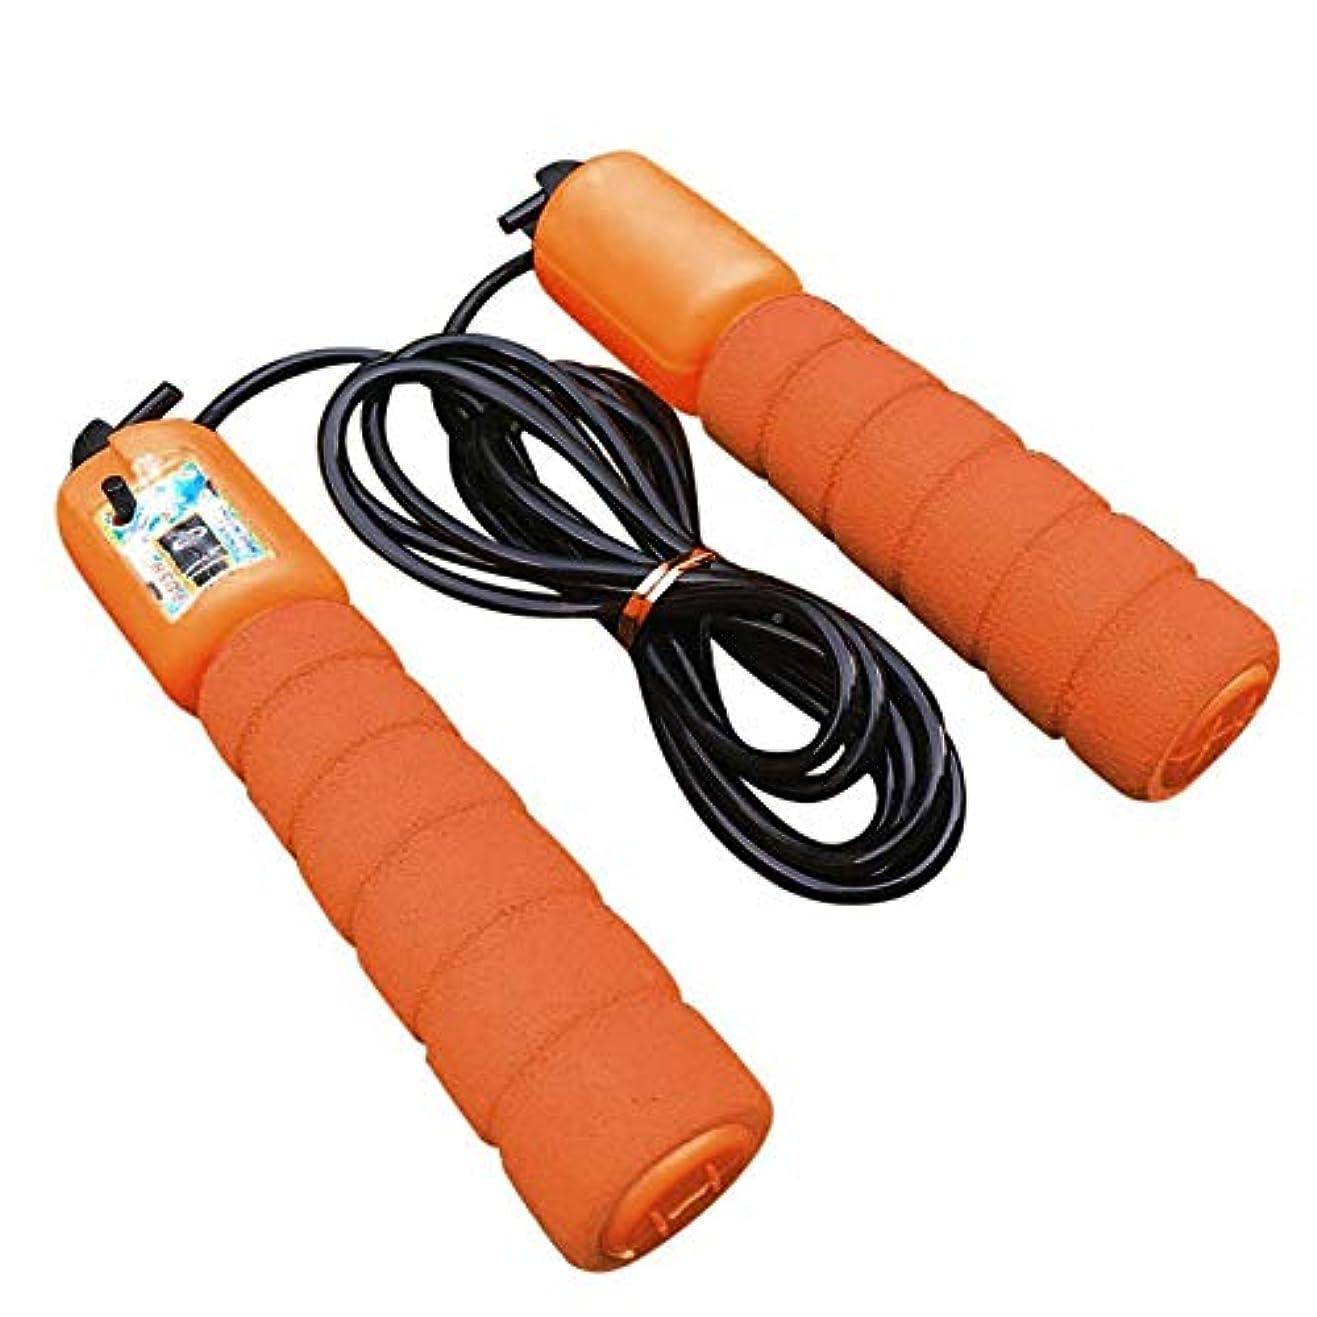 軽減する締める水素調整可能なプロフェッショナルカウントスキップロープ自動カウントジャンプロープフィットネスエクササイズ高速スピードカウントジャンプロープ-オレンジ